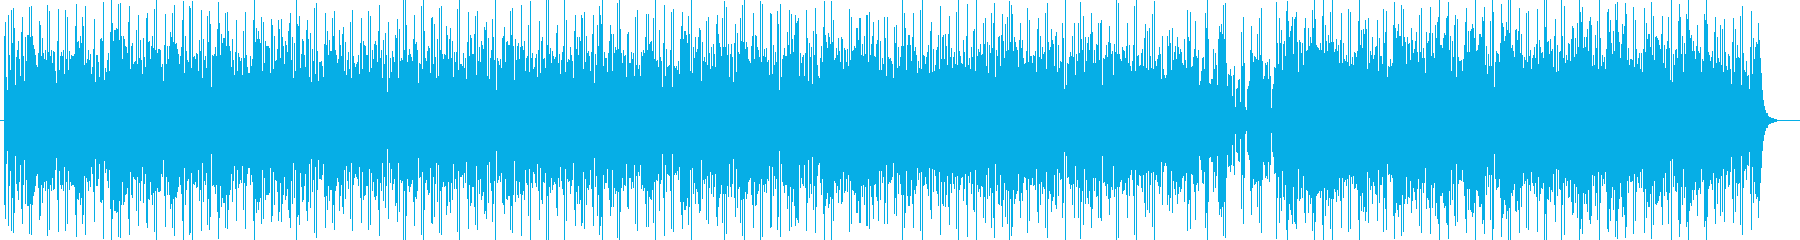 明るく爽やかなシンセサイザーサウンドの再生済みの波形